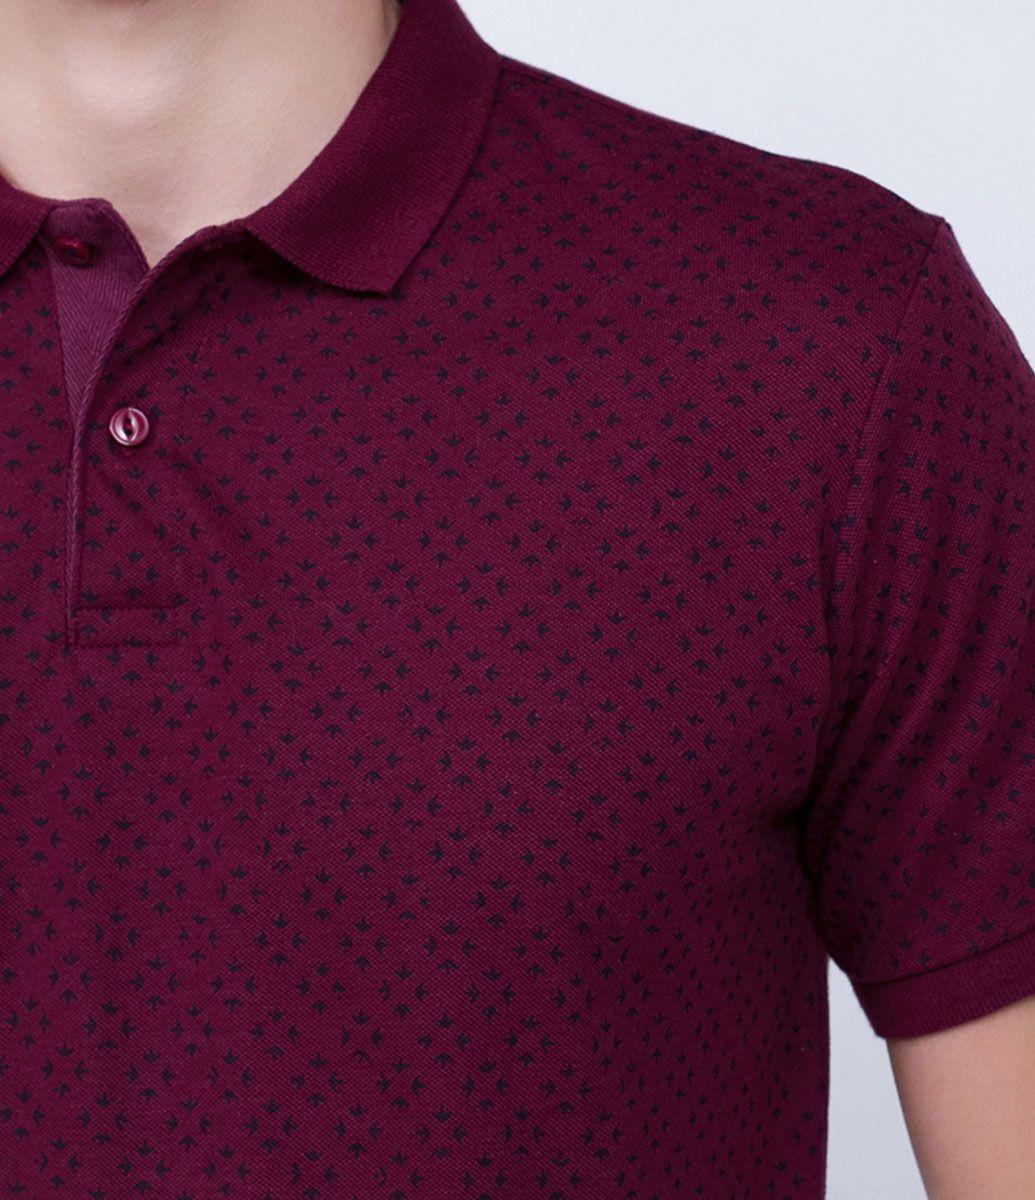 c05d91e538 Camisa masculina Manga curta Gola polo Estampada Marca  Marfinno Tecido   malha Composição  100